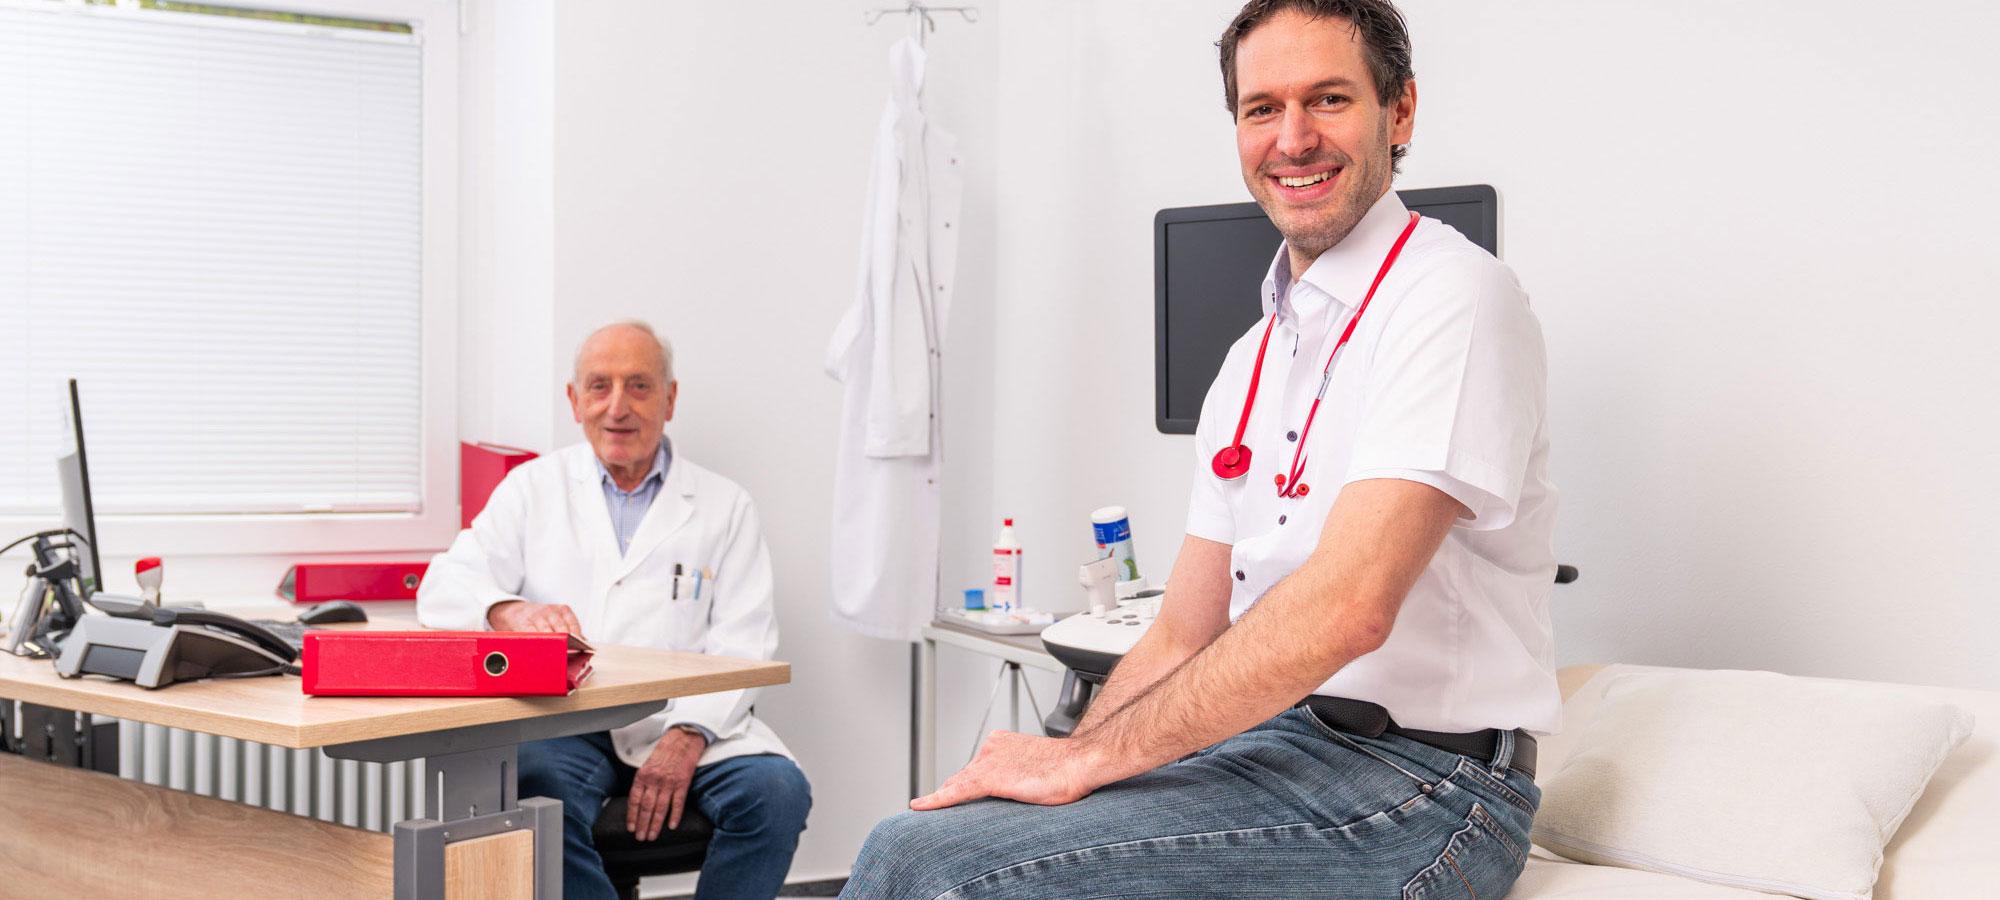 Ärztinnen Ärzte Landkreis Waldshut